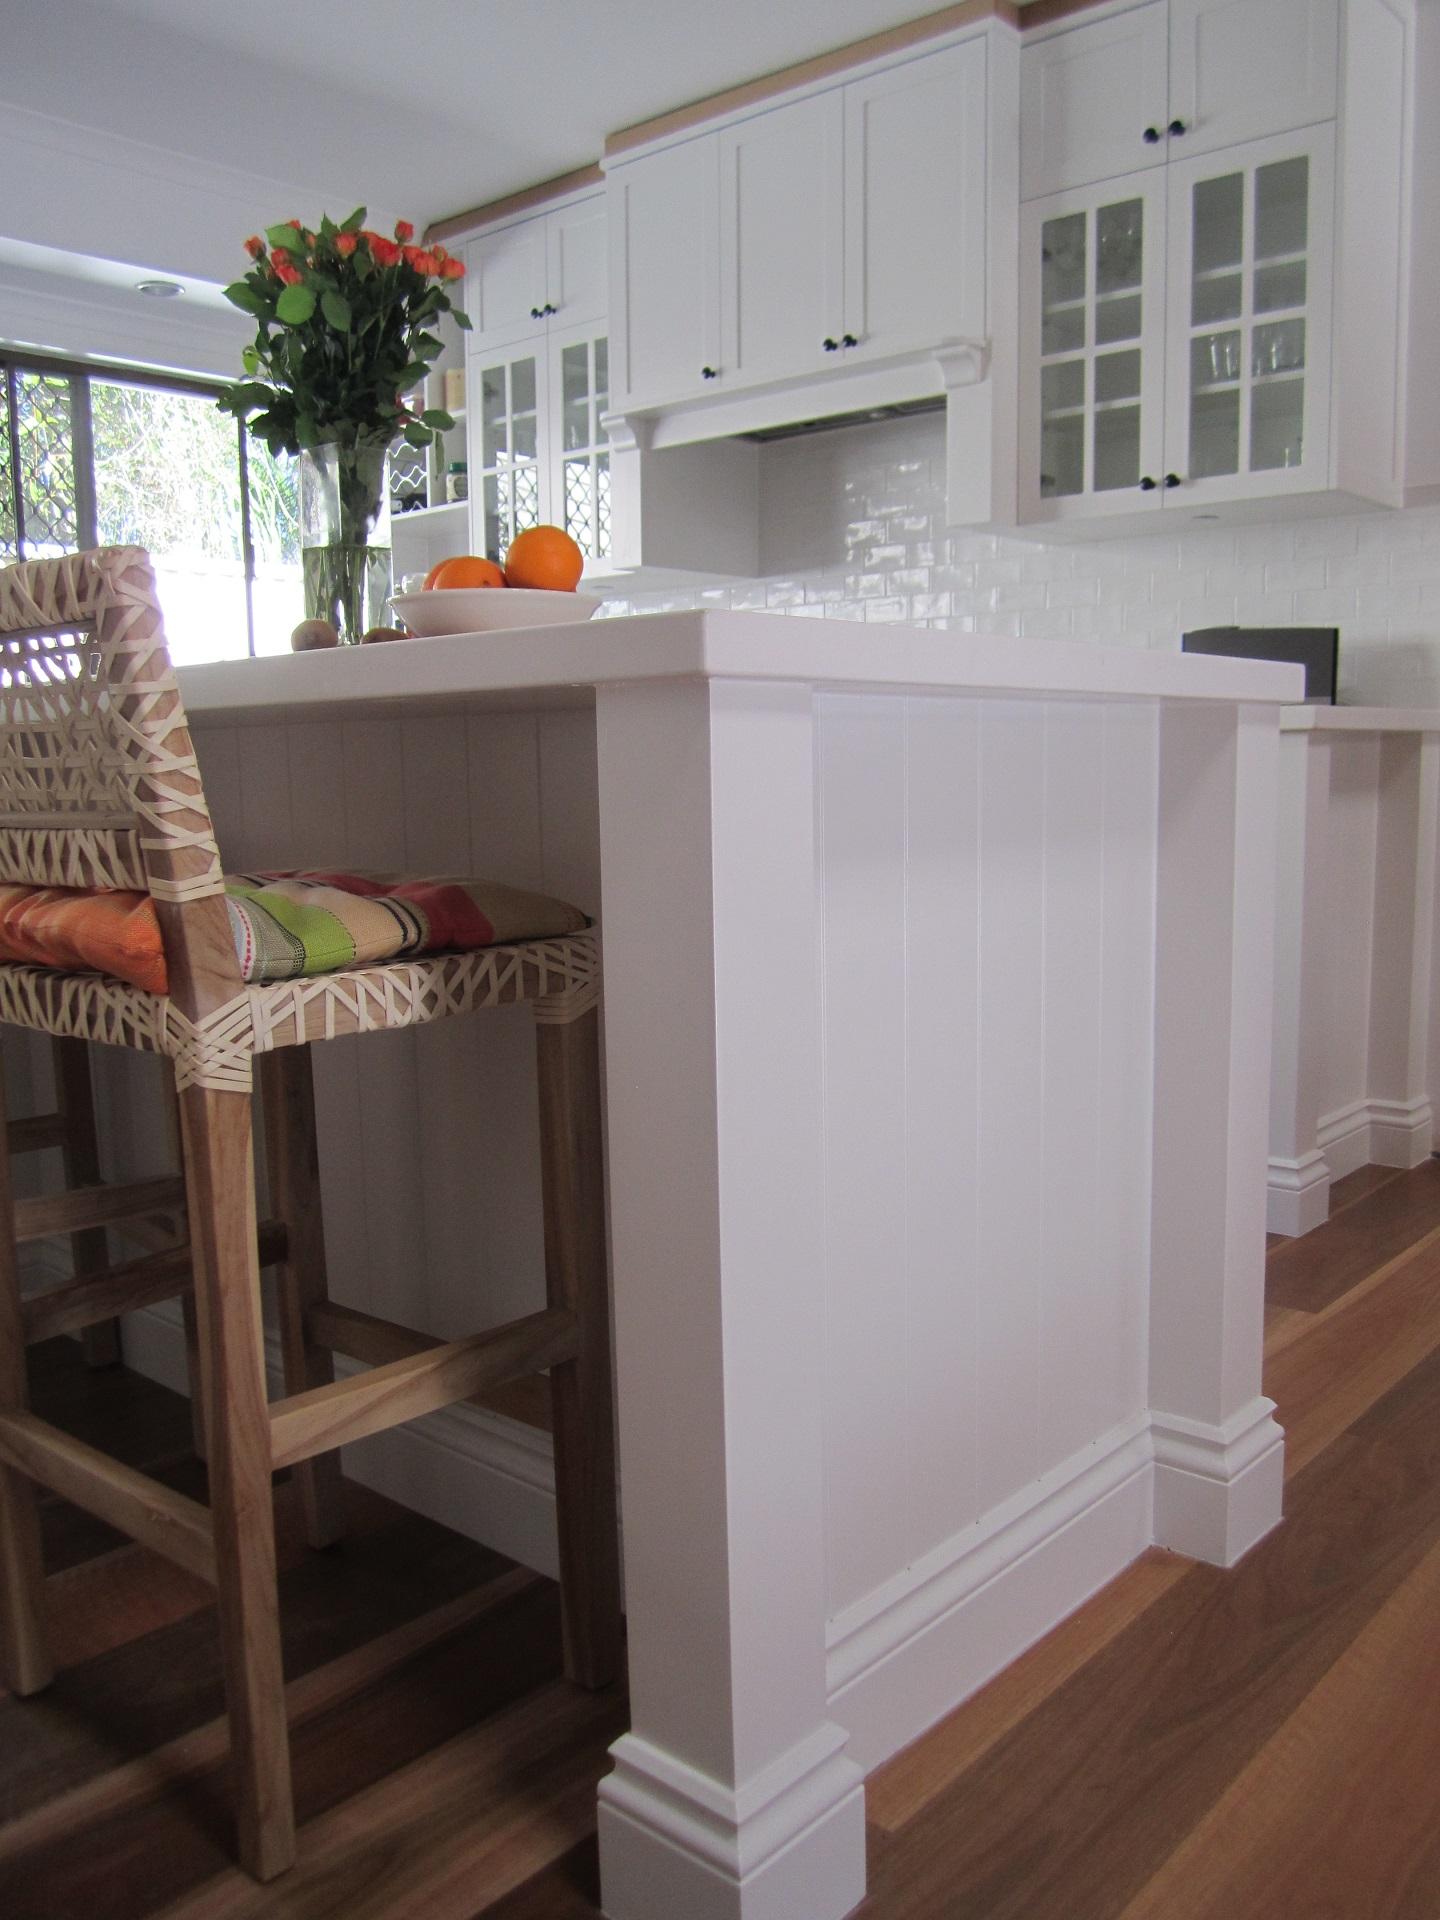 Brisbane Kitchen Design Carindale Traditional Kitchen  (2)